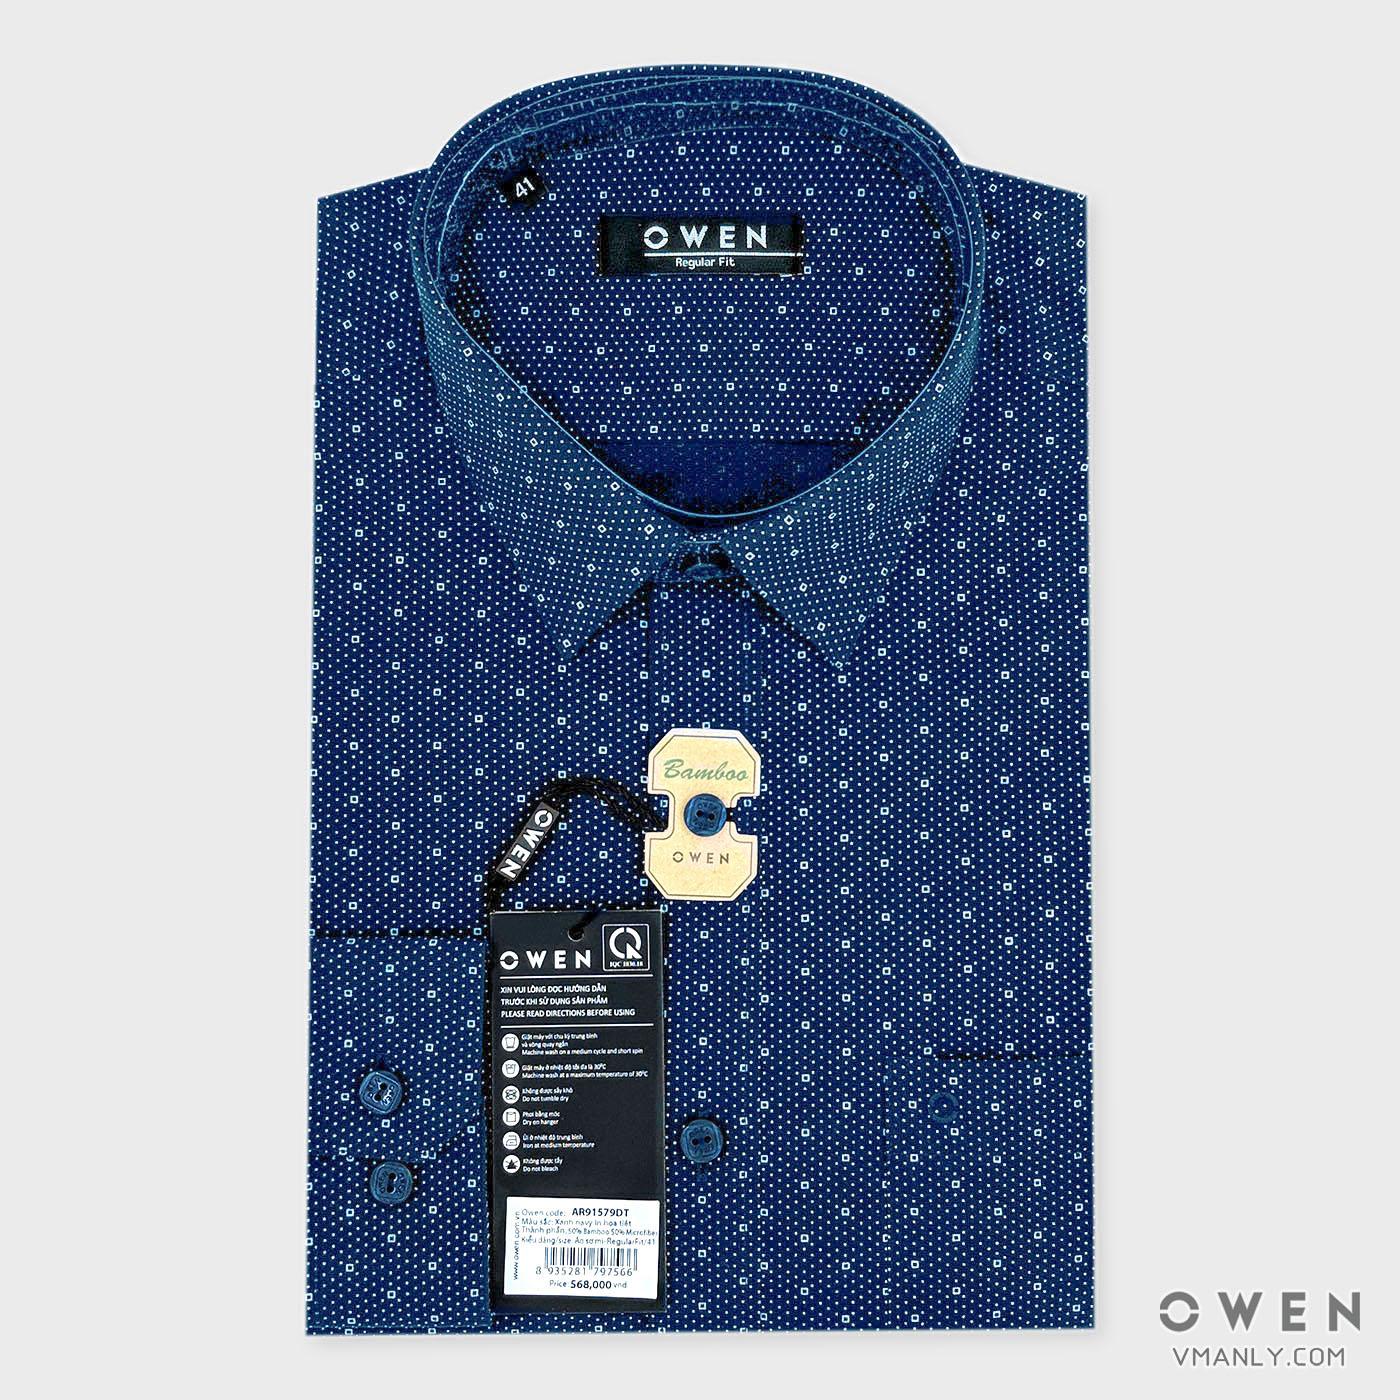 Áo sơ mi nam dài tay Owen có túi regular fit màu xanh chấm bi AR91579DT